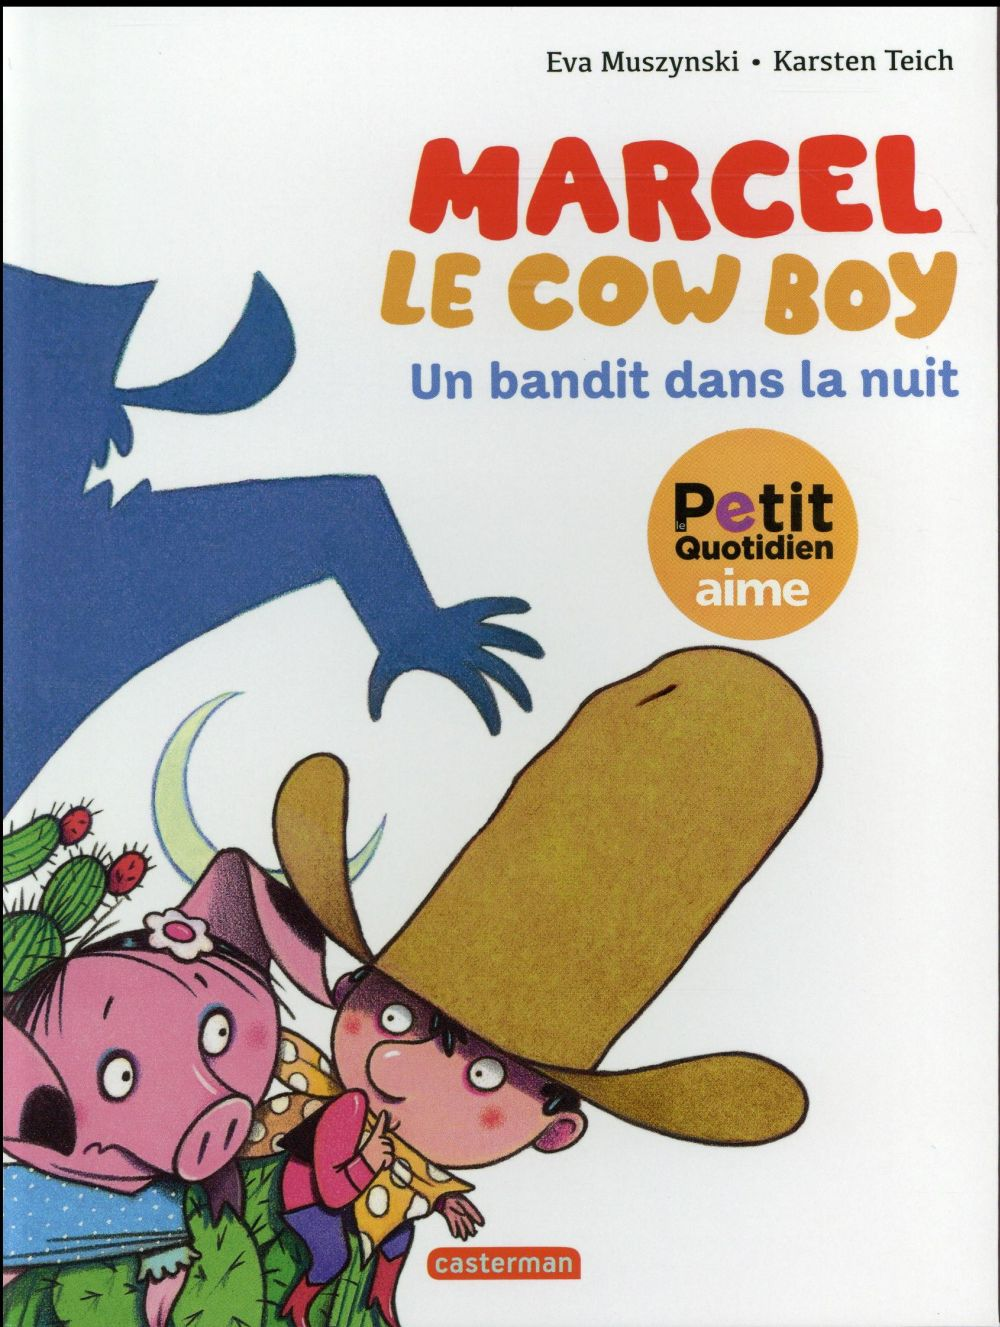 MARCEL LE COW-BOY T4 UN BANDIT DANS LA NUIT